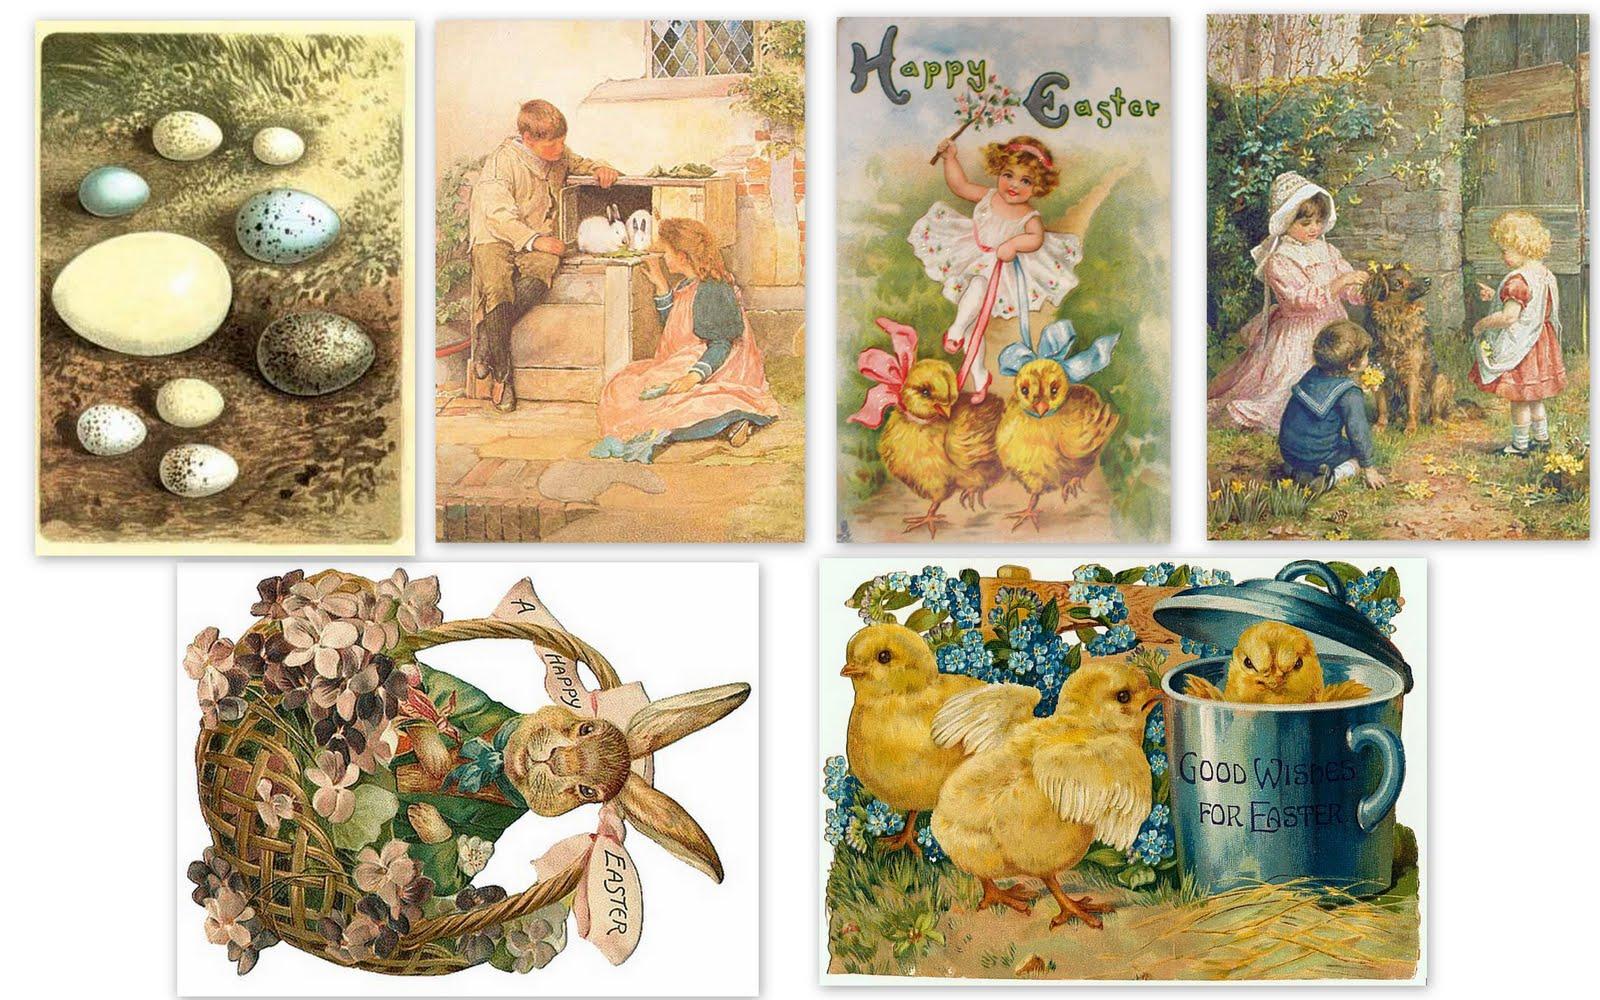 Cartes postales anciennes: Cartes postales anciennes Pâques